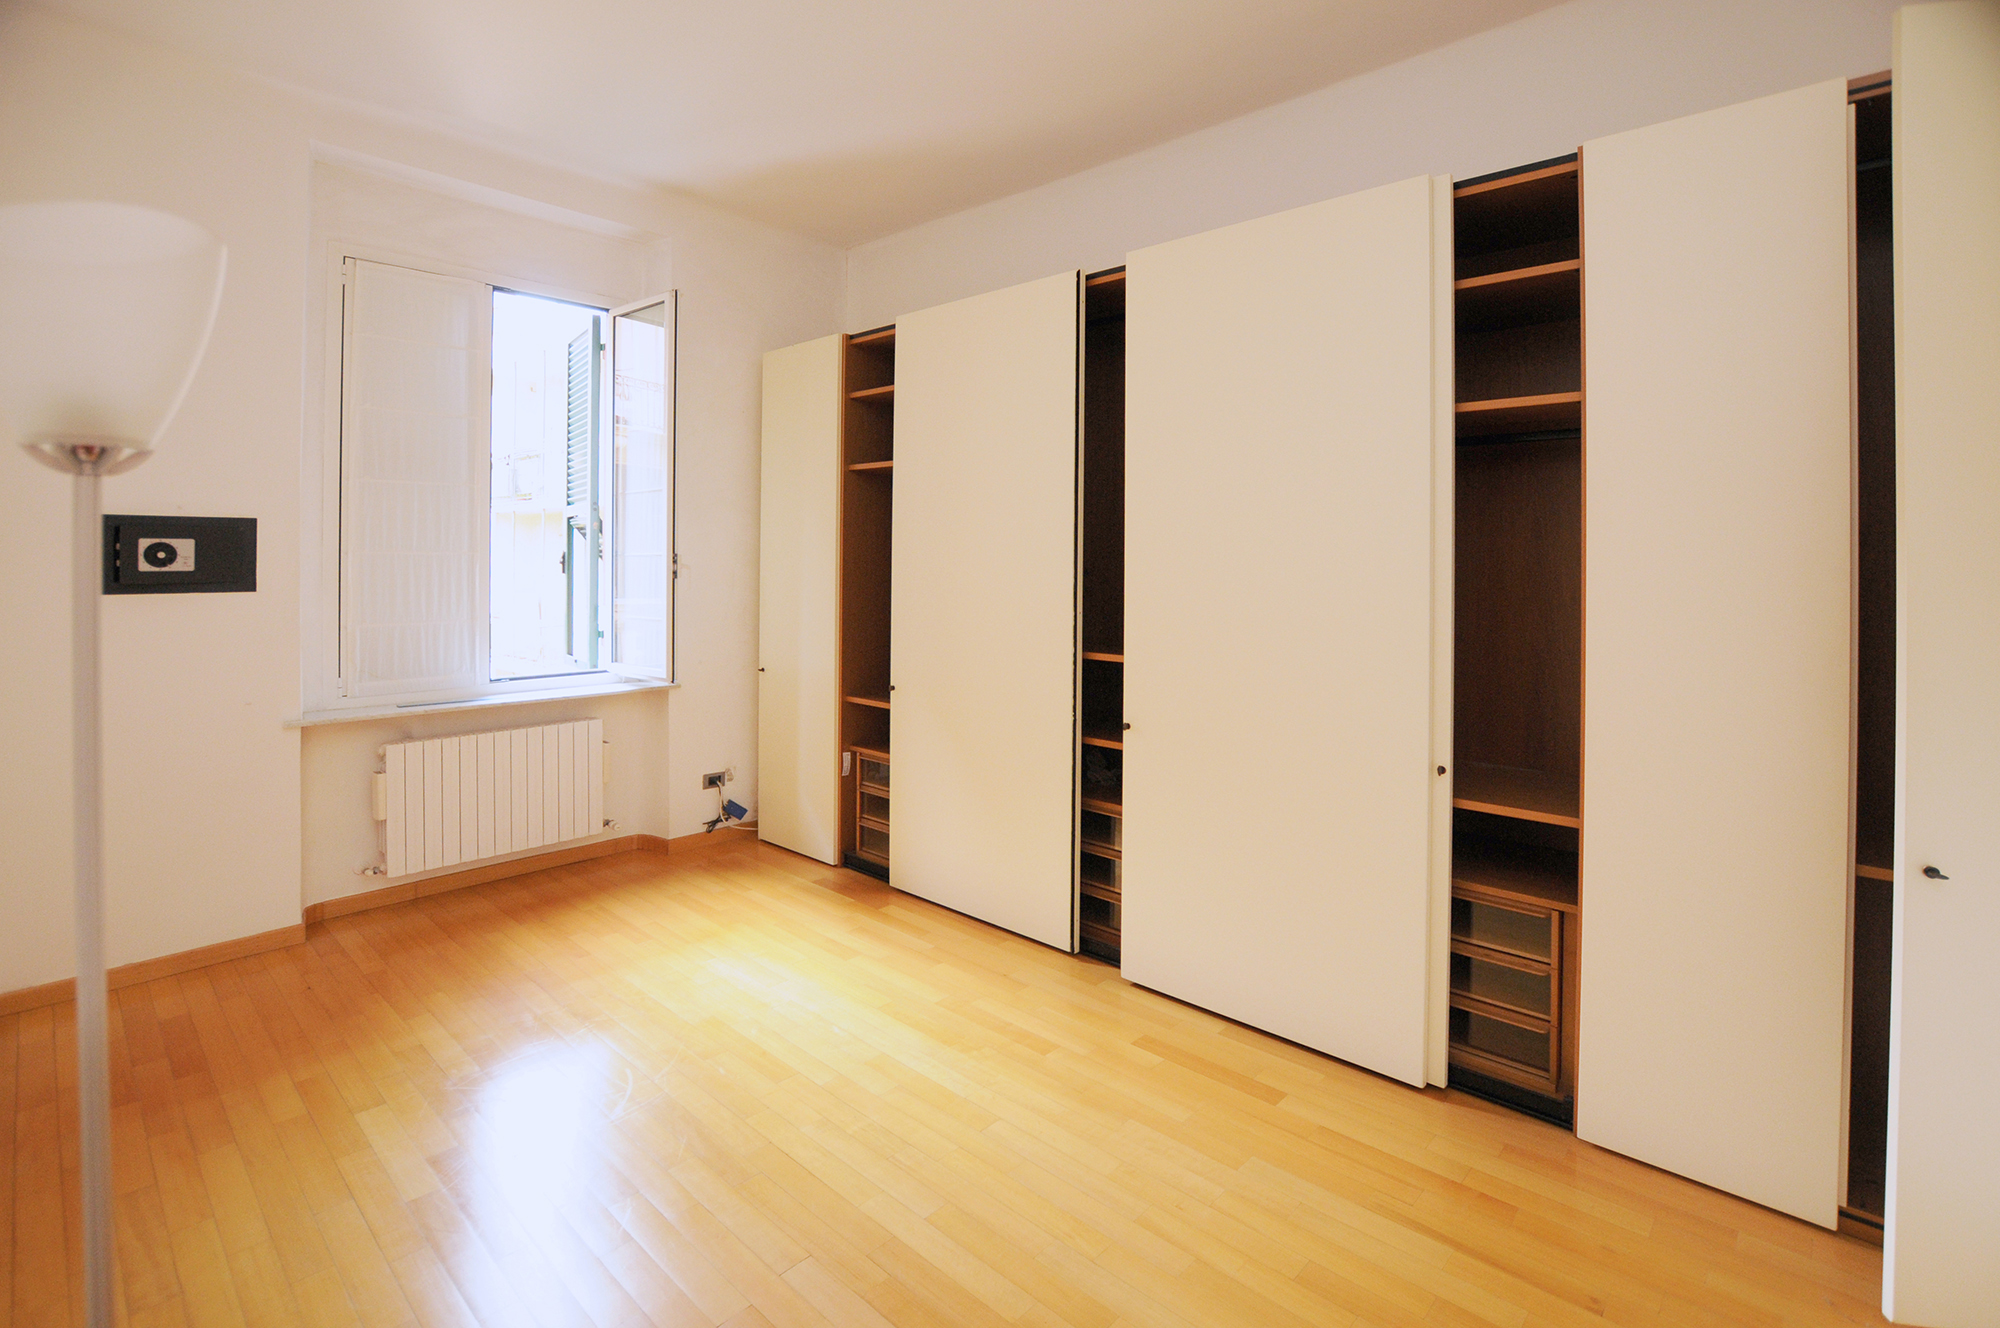 Appartamento casa genova affitto arredato arredataimmobile for Affitto genova arredato